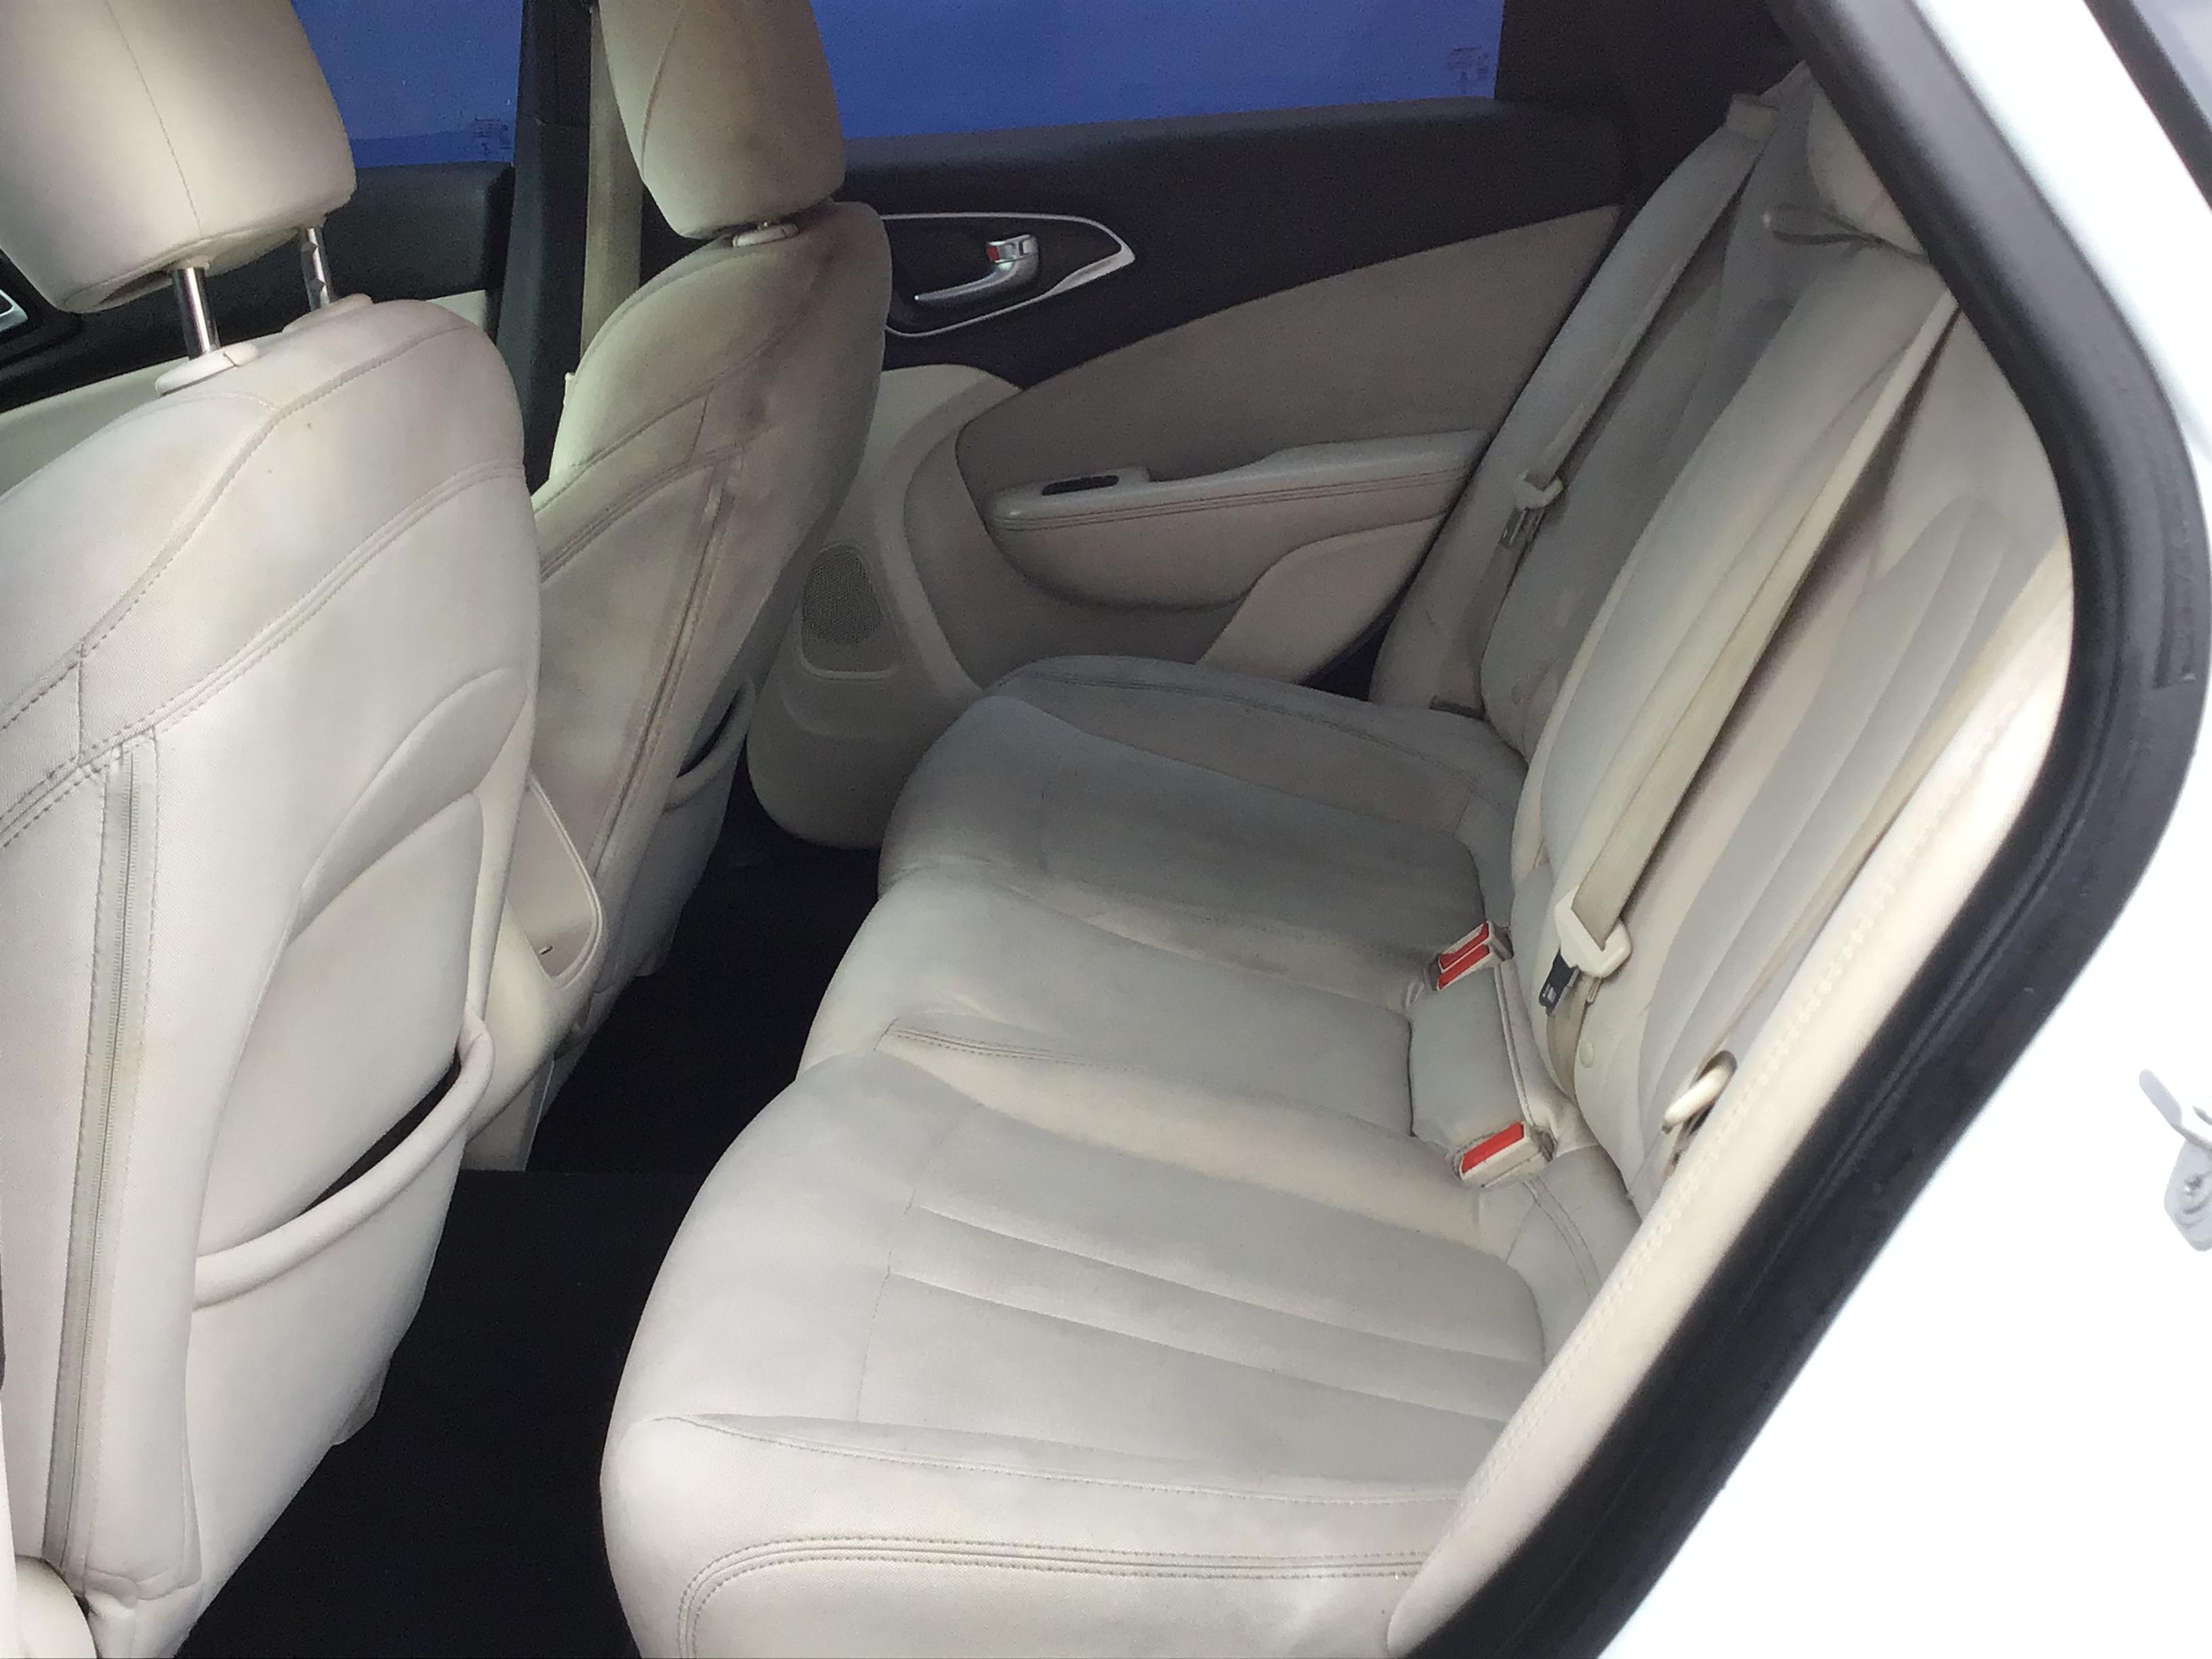 used vehicle - 4 DOOR SEDAN CHRYSLER 200 2015